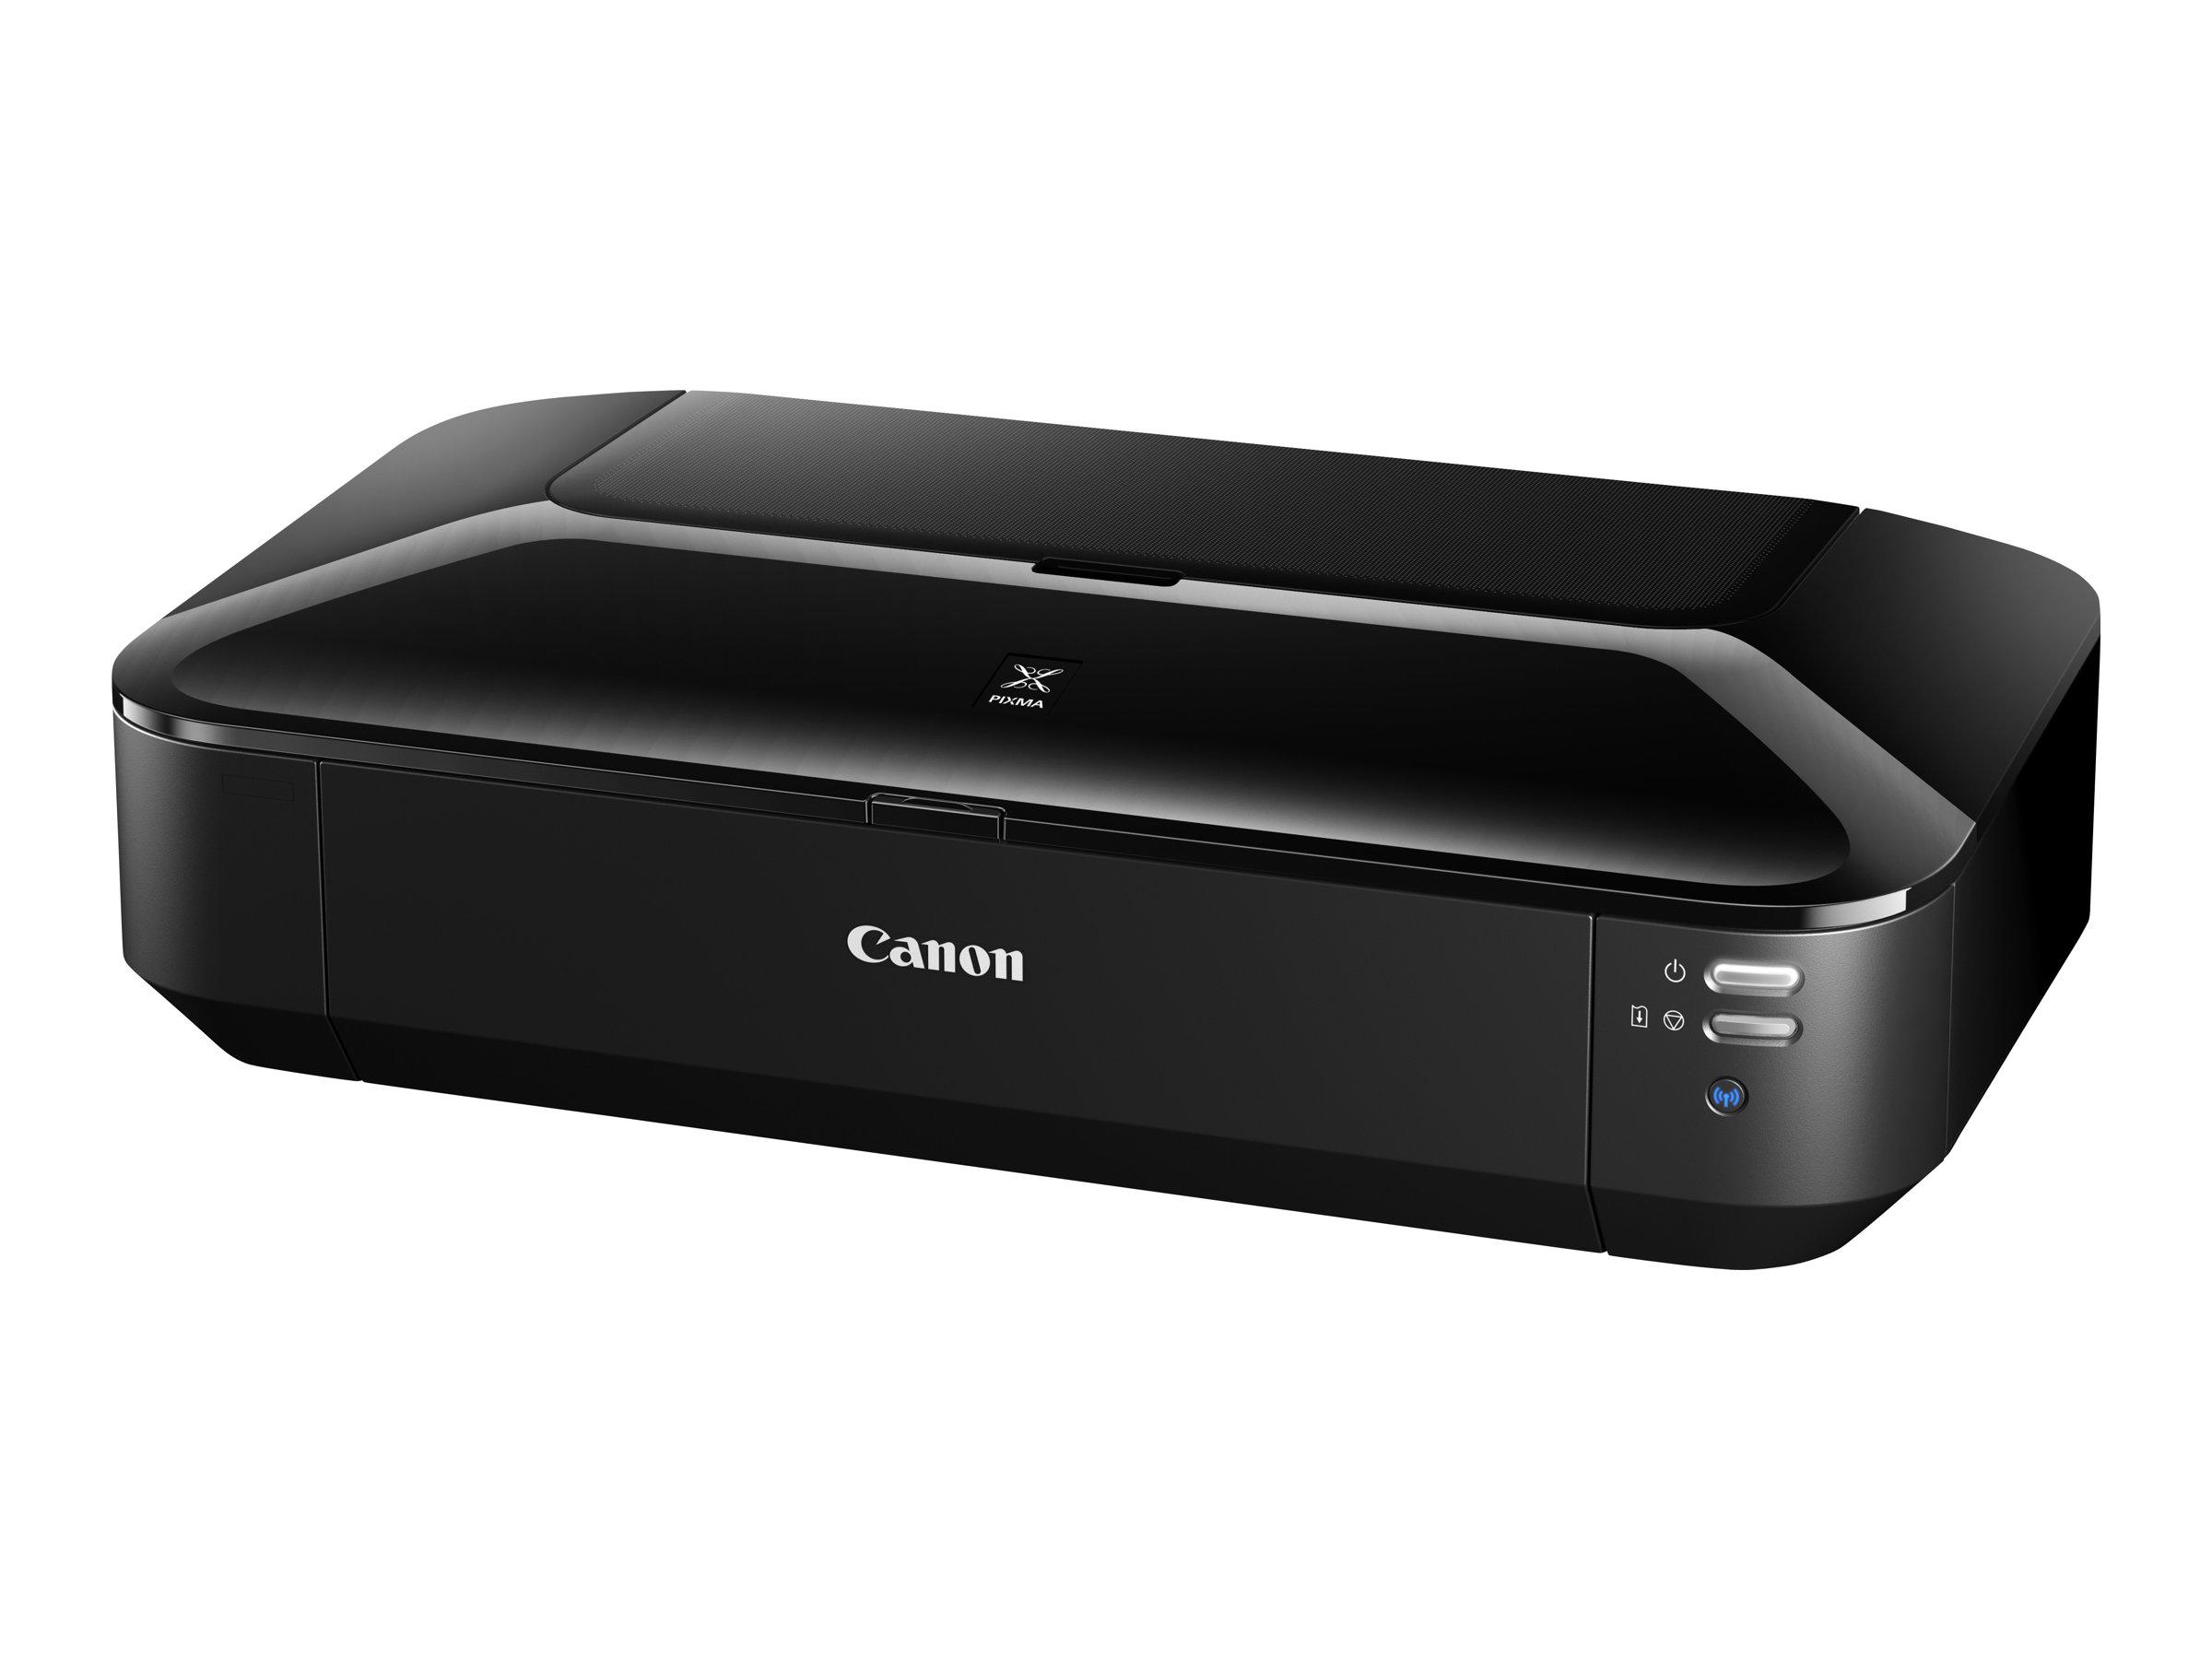 Canon PIXMA iX6850 - Drucker - Farbe - Tintenstrahl - Ledger, A3 Plus - bis zu 14.5 ipm (einfarbig)/